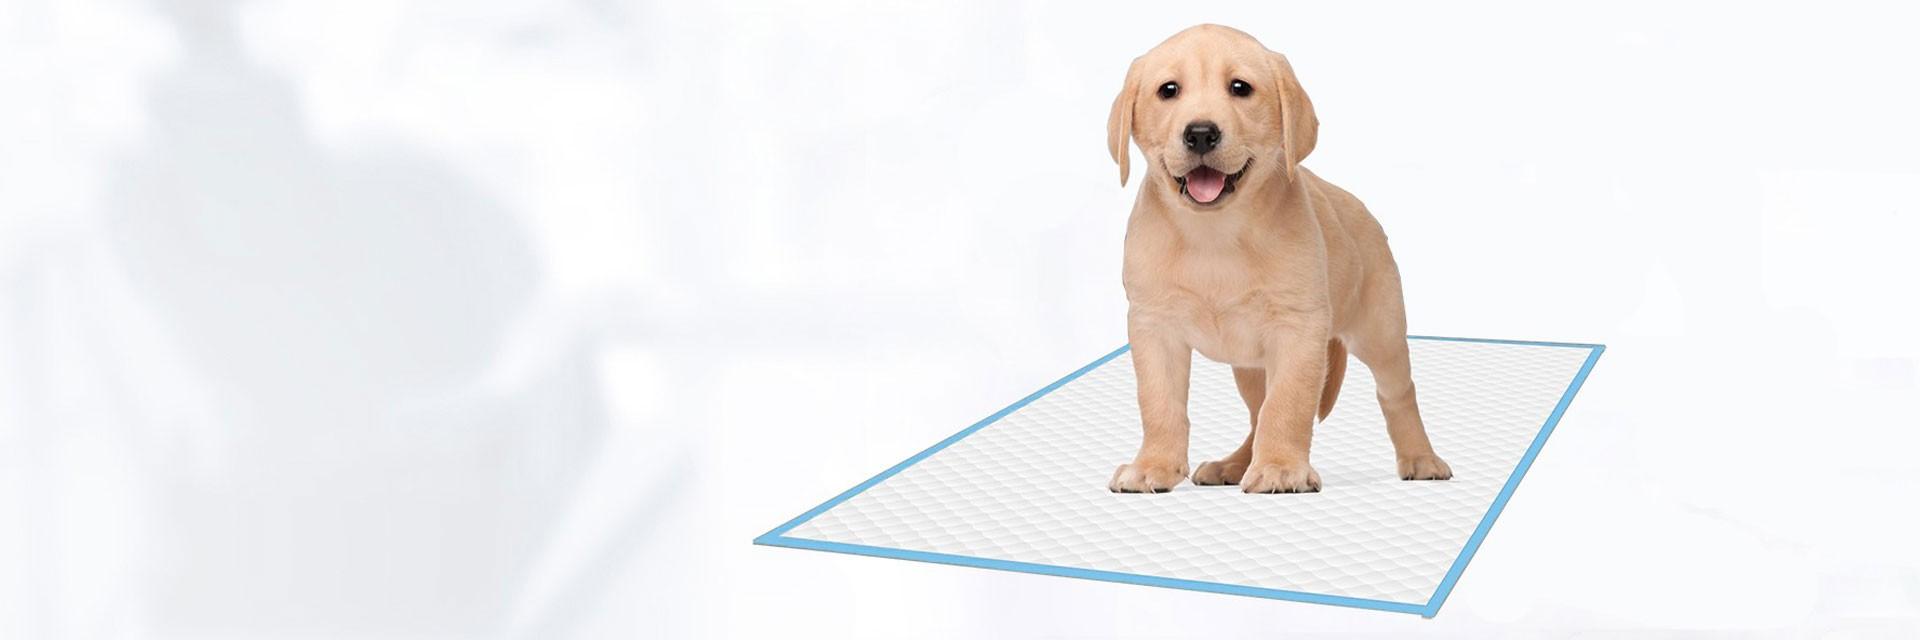 Almohadillas para mascotas Almohadillas de entrenamiento Almohadillas para pis